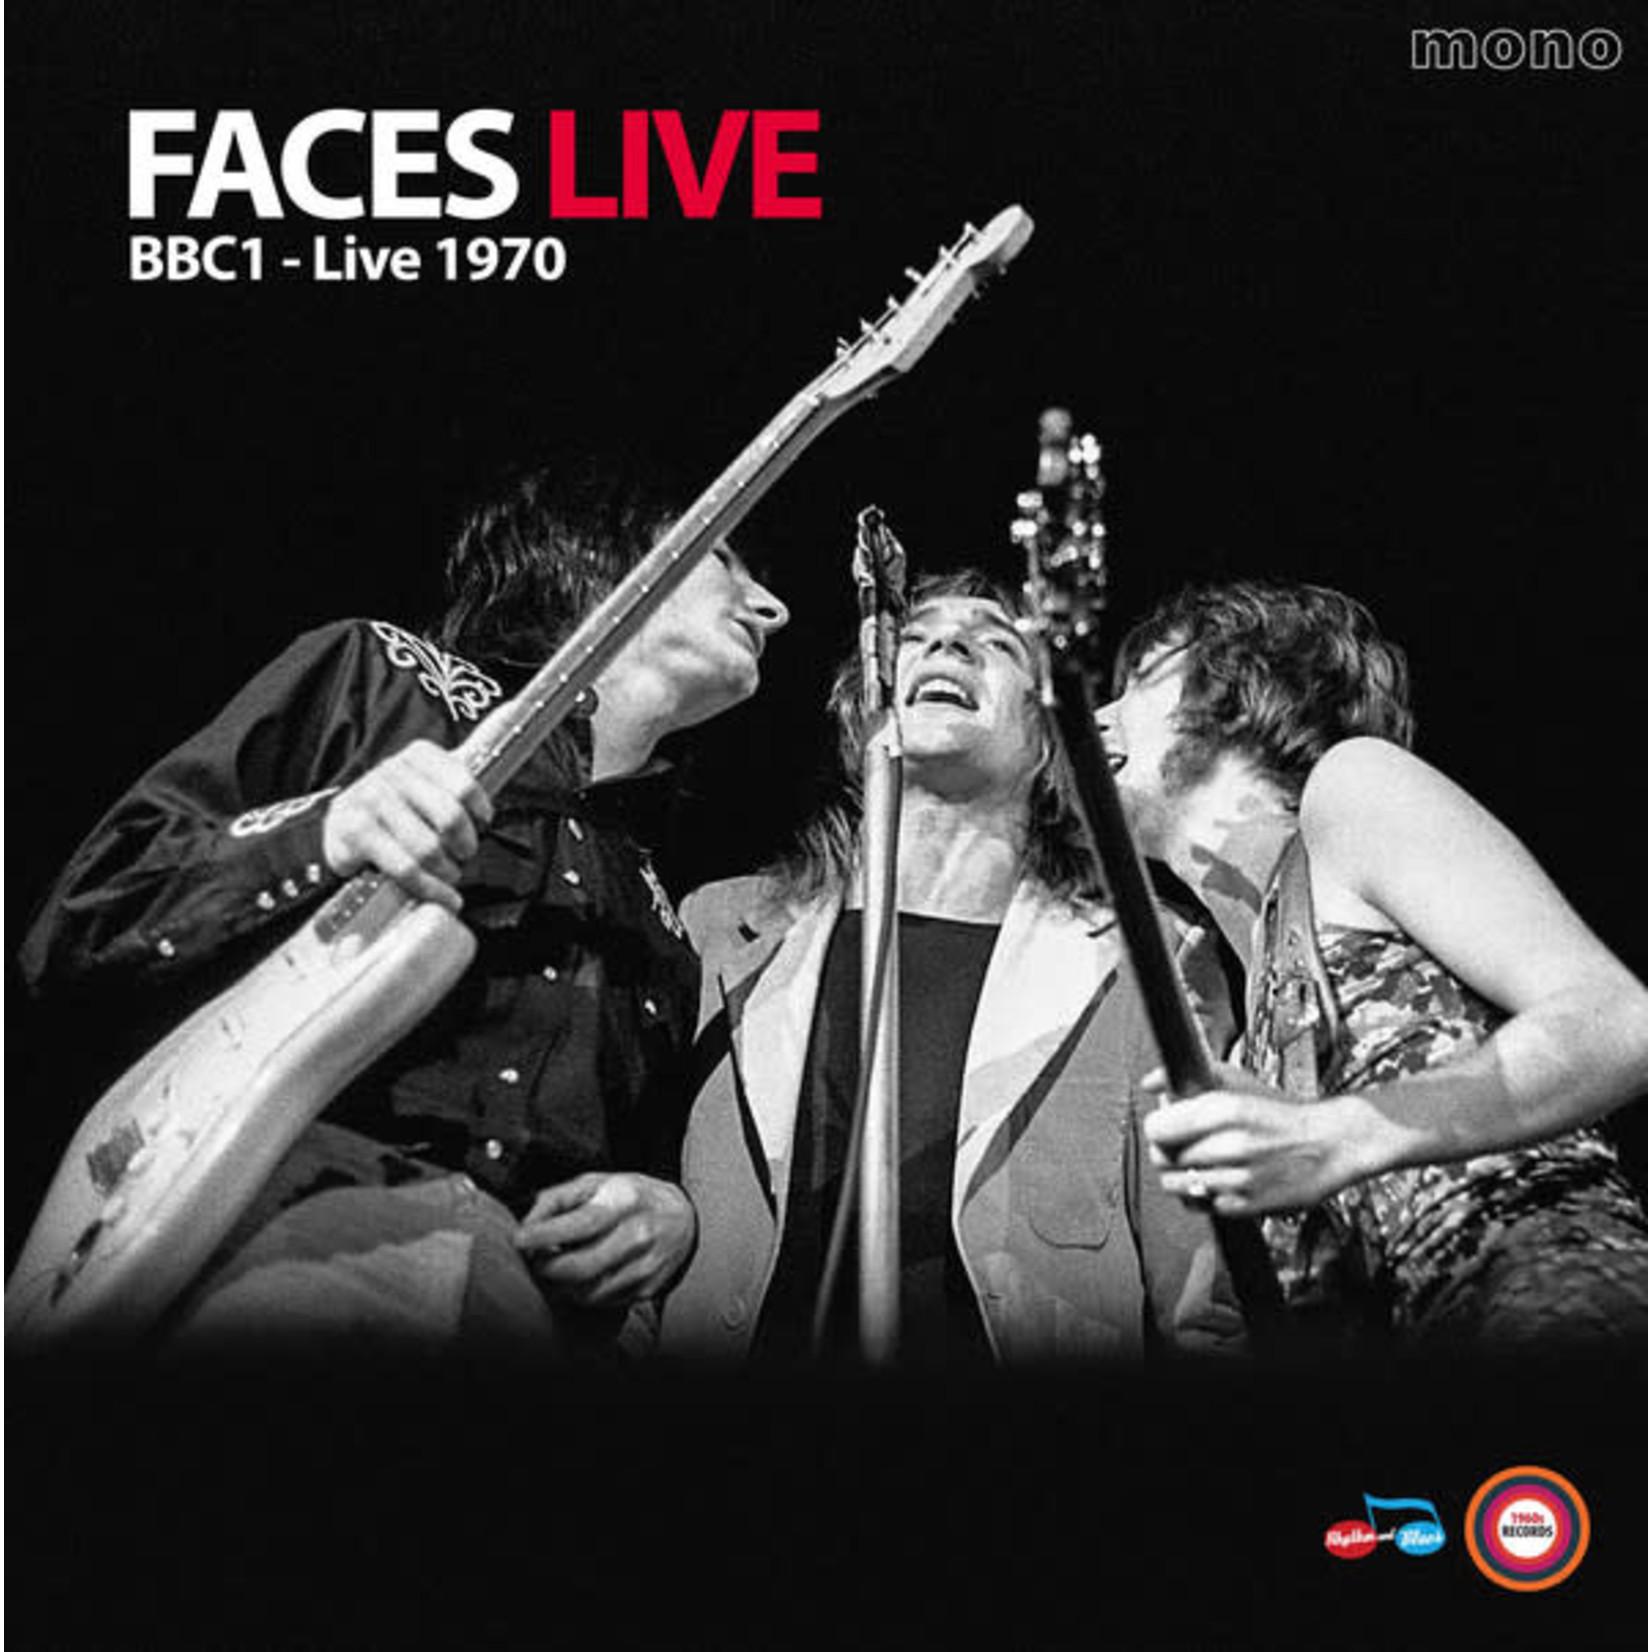 Vinyl Faces - BBC1 Live 1970